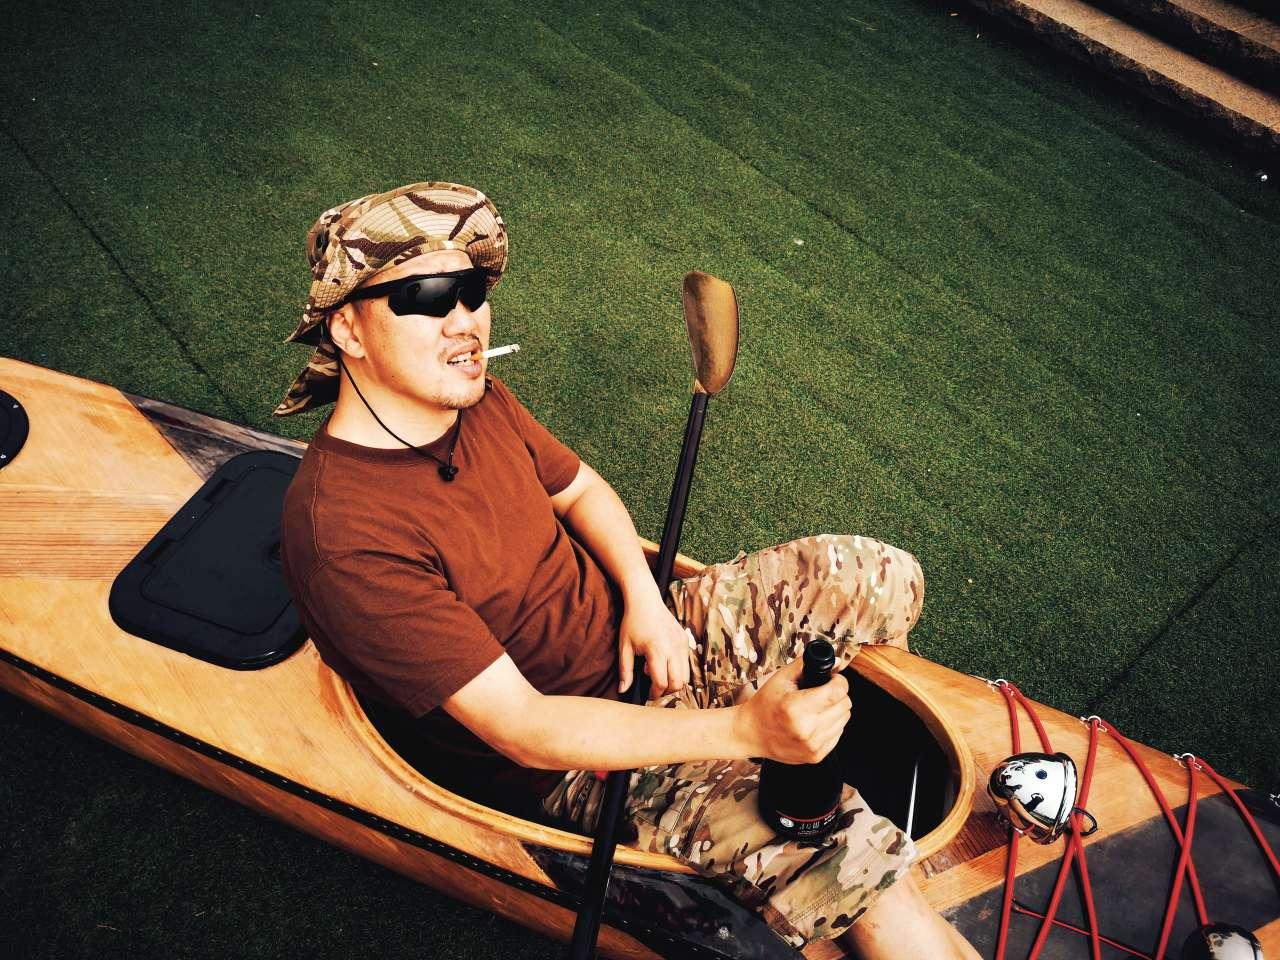 自制皮划艇